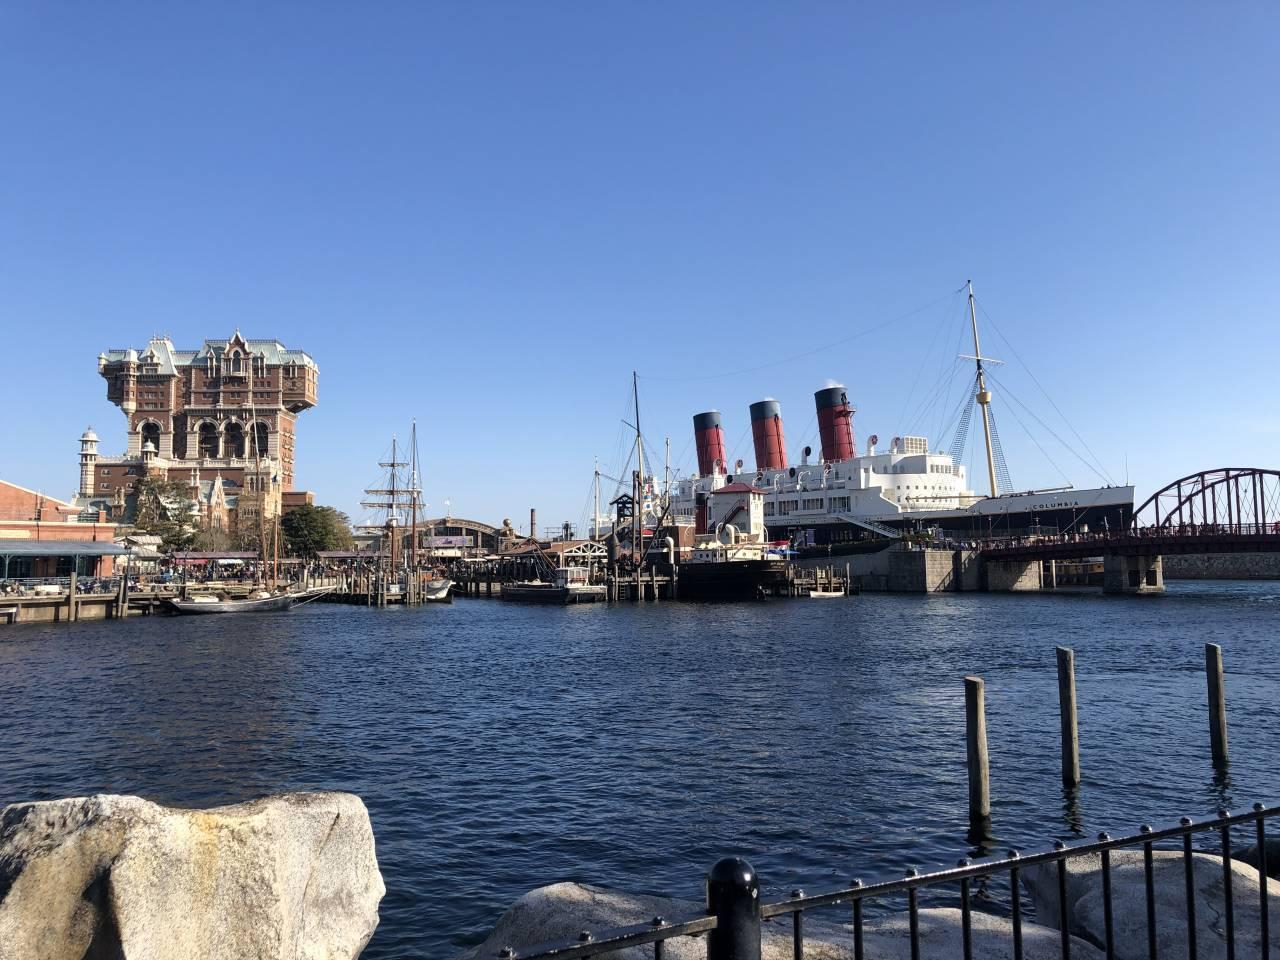 ケープコッド側から見えるS.S.コロンビア号とタワー・オブ・テラー